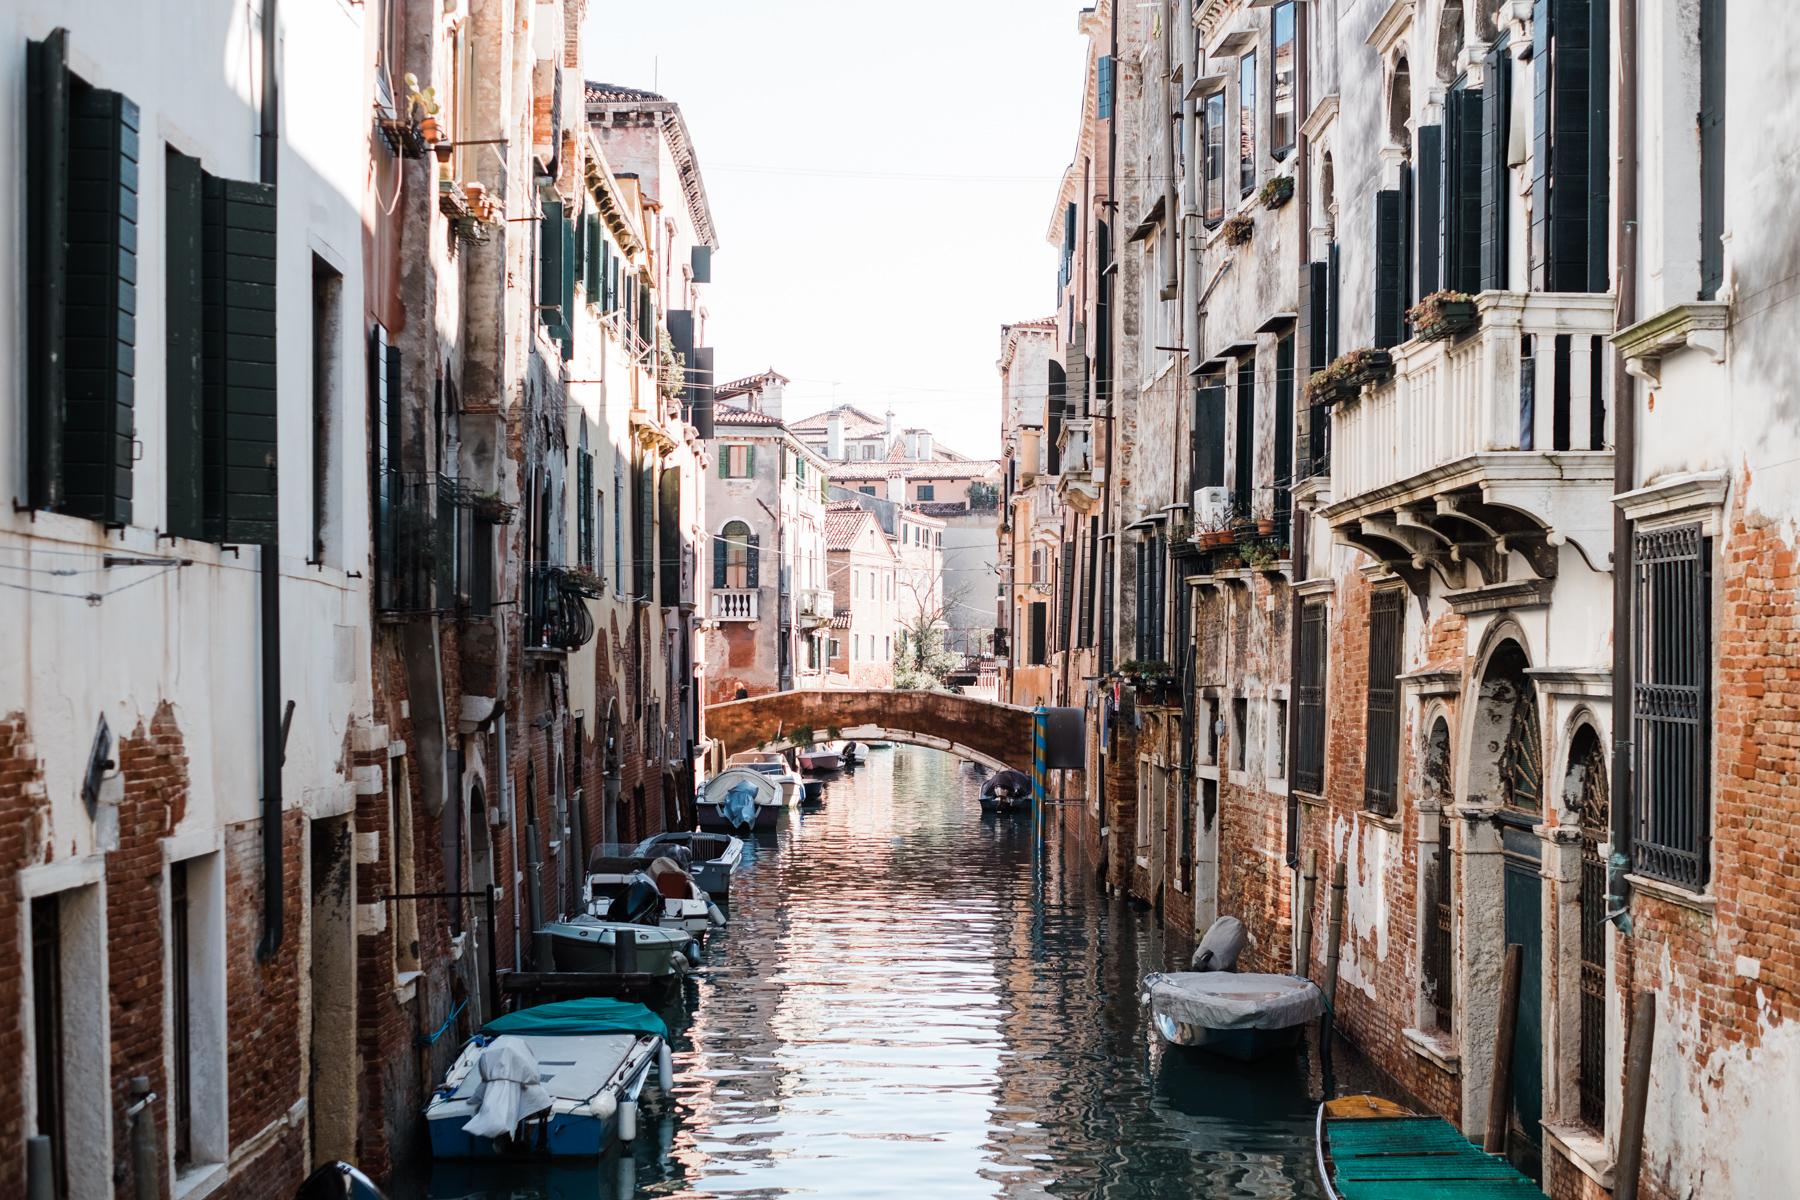 Venice_deersphotography-299